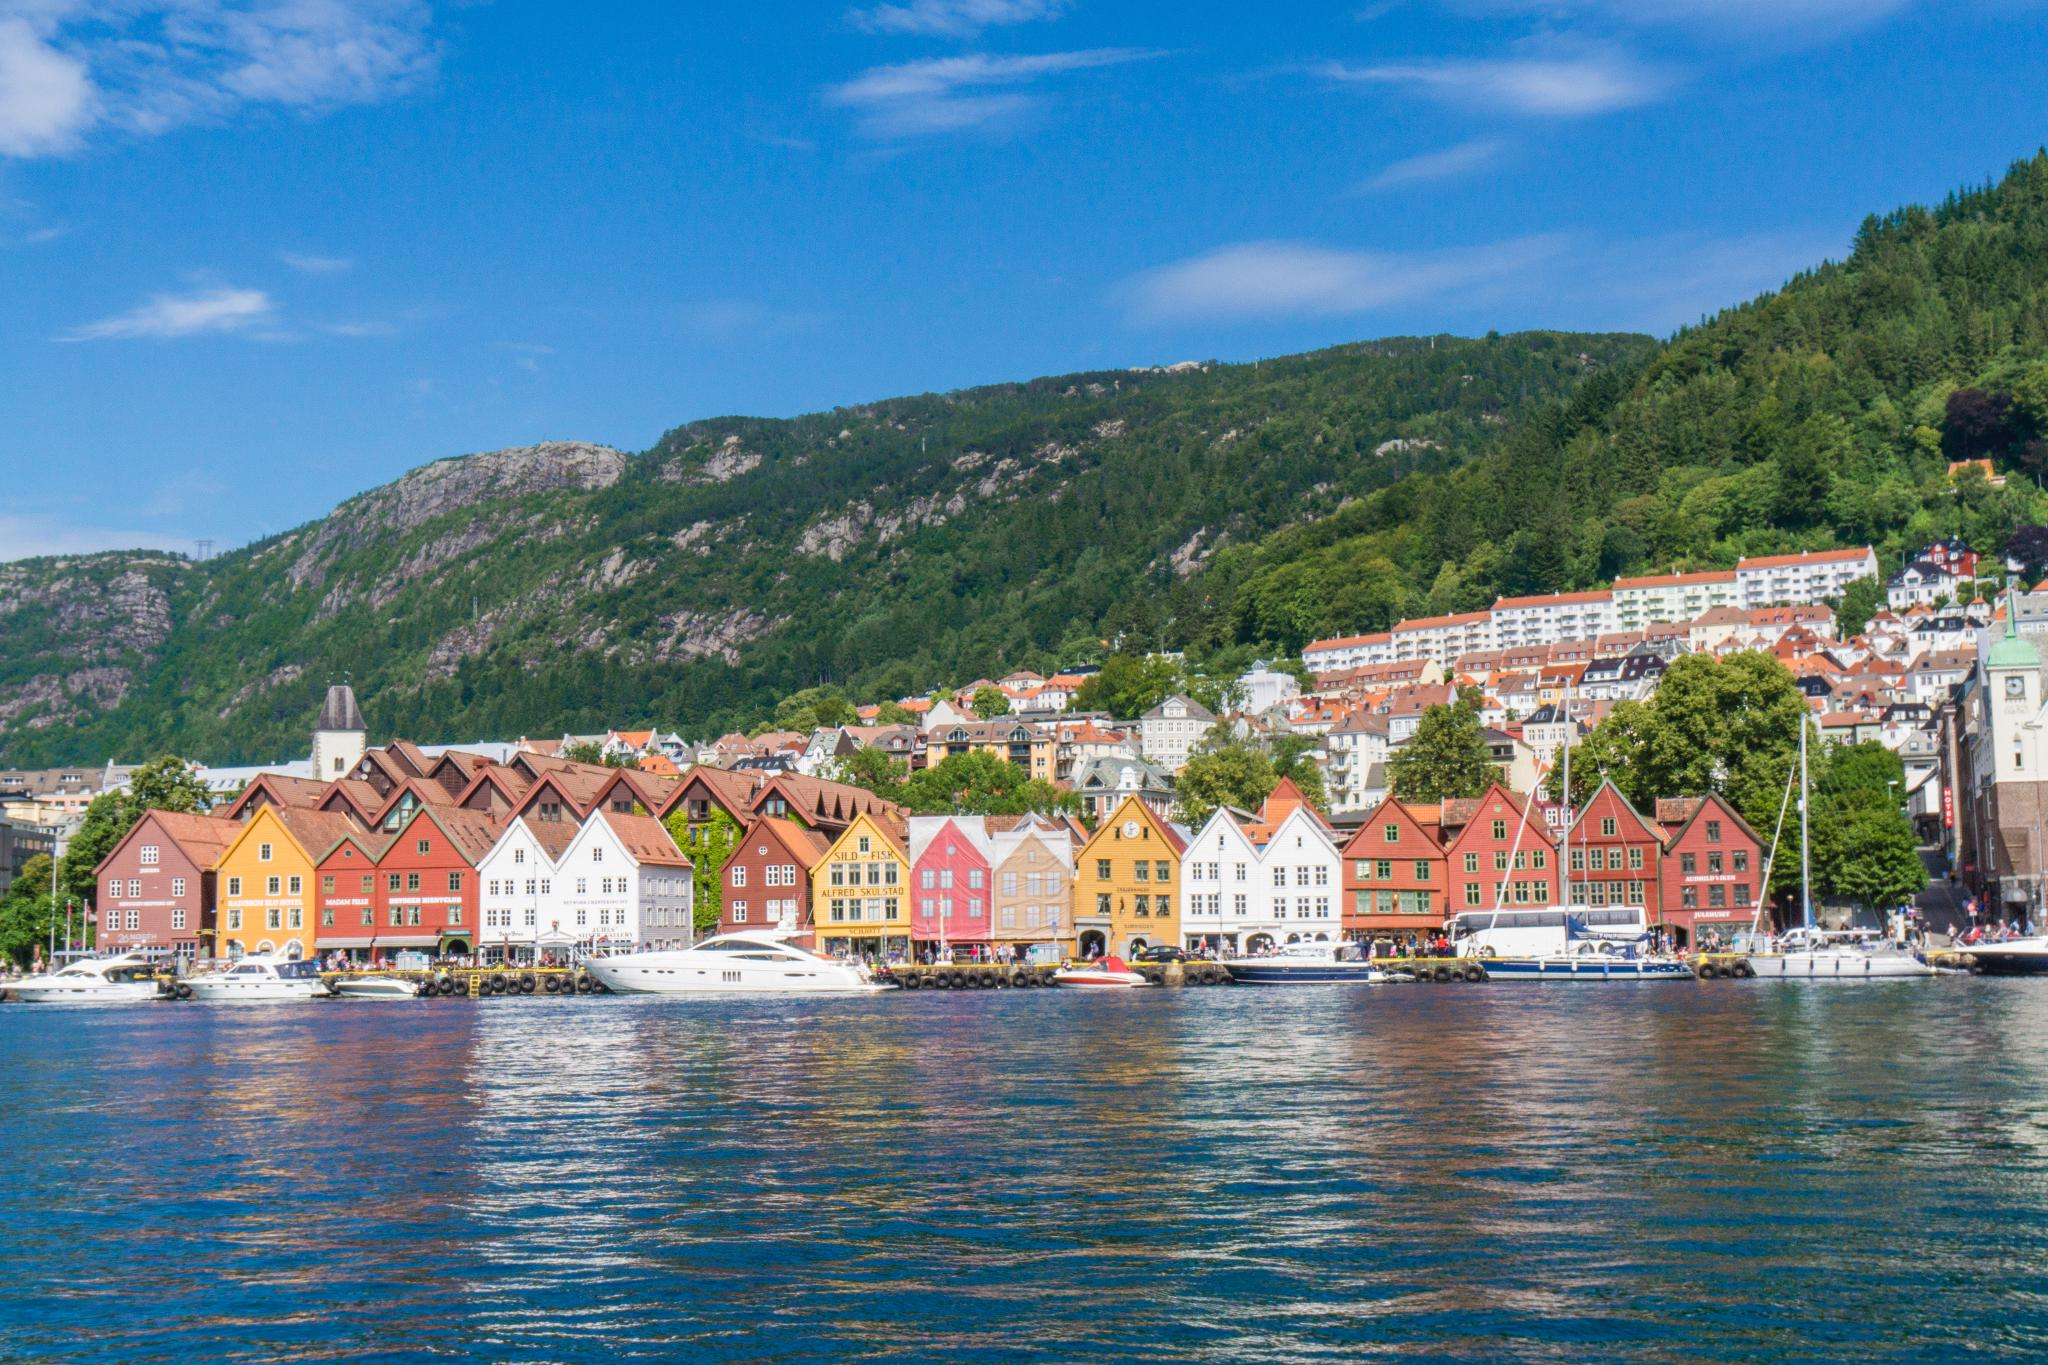 【卑爾根】Bryggen 世界遺產布呂根 — 迷失在百年歷史的挪威彩色木屋 2